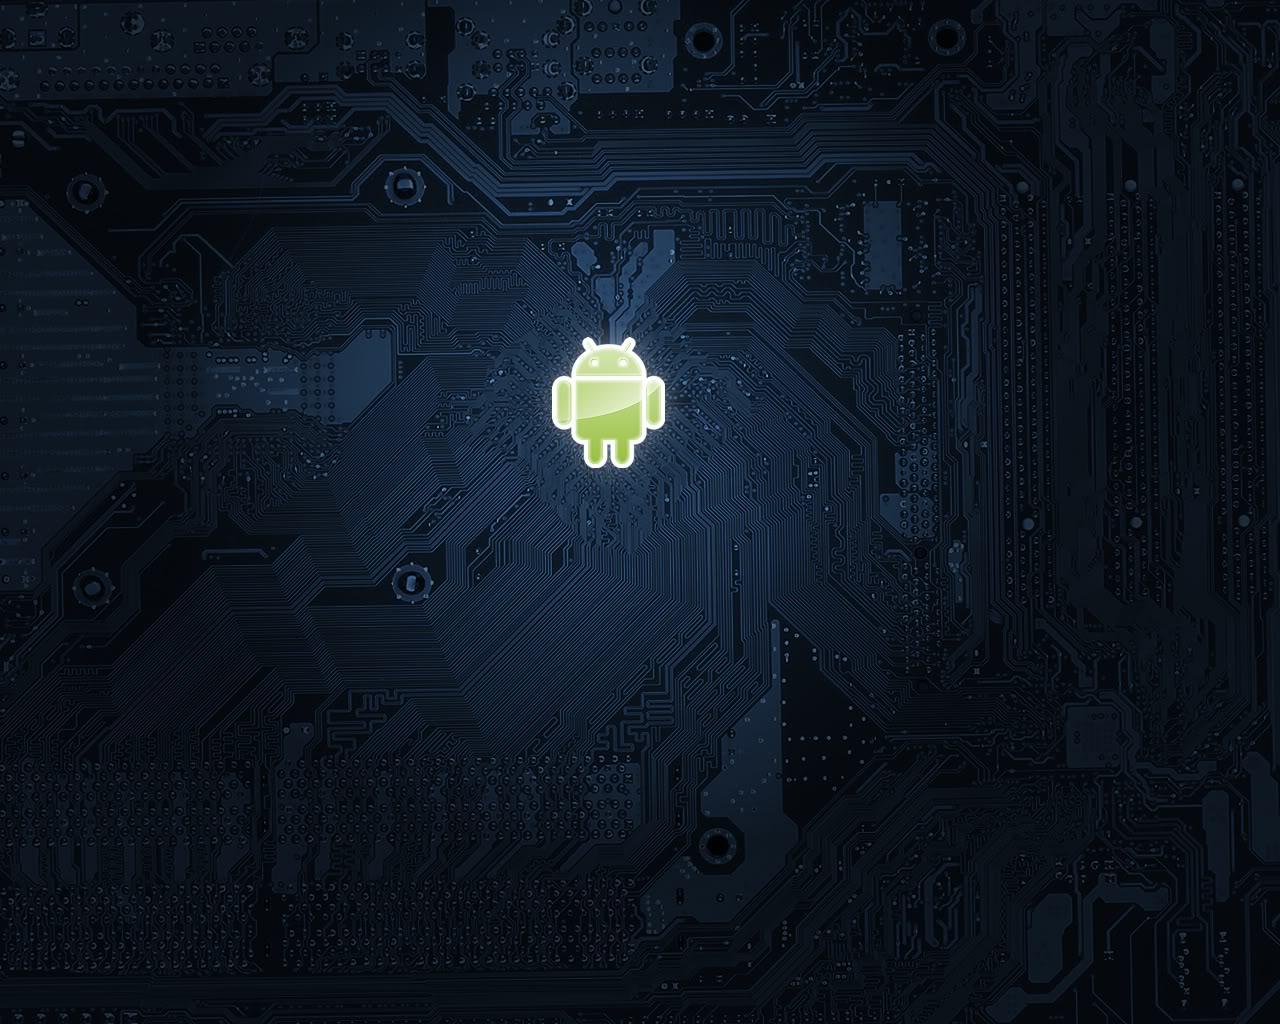 http://2.bp.blogspot.com/-gKvtfZoYdeg/T_CxVseSyEI/AAAAAAAACV4/L1musmTzr1s/s1600/Android_Wallpapers_HD+(1).jpg